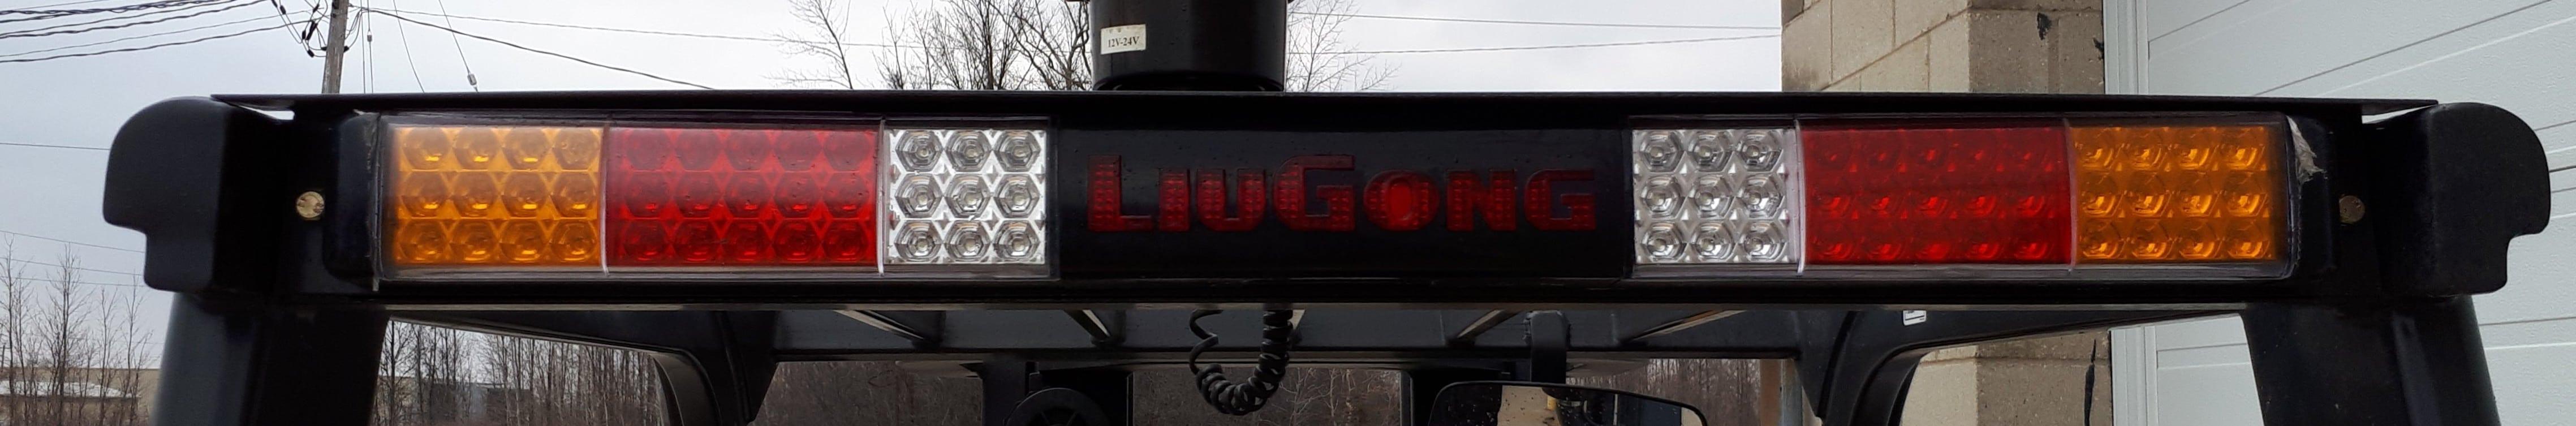 Liu Gong Forklift Rear Light